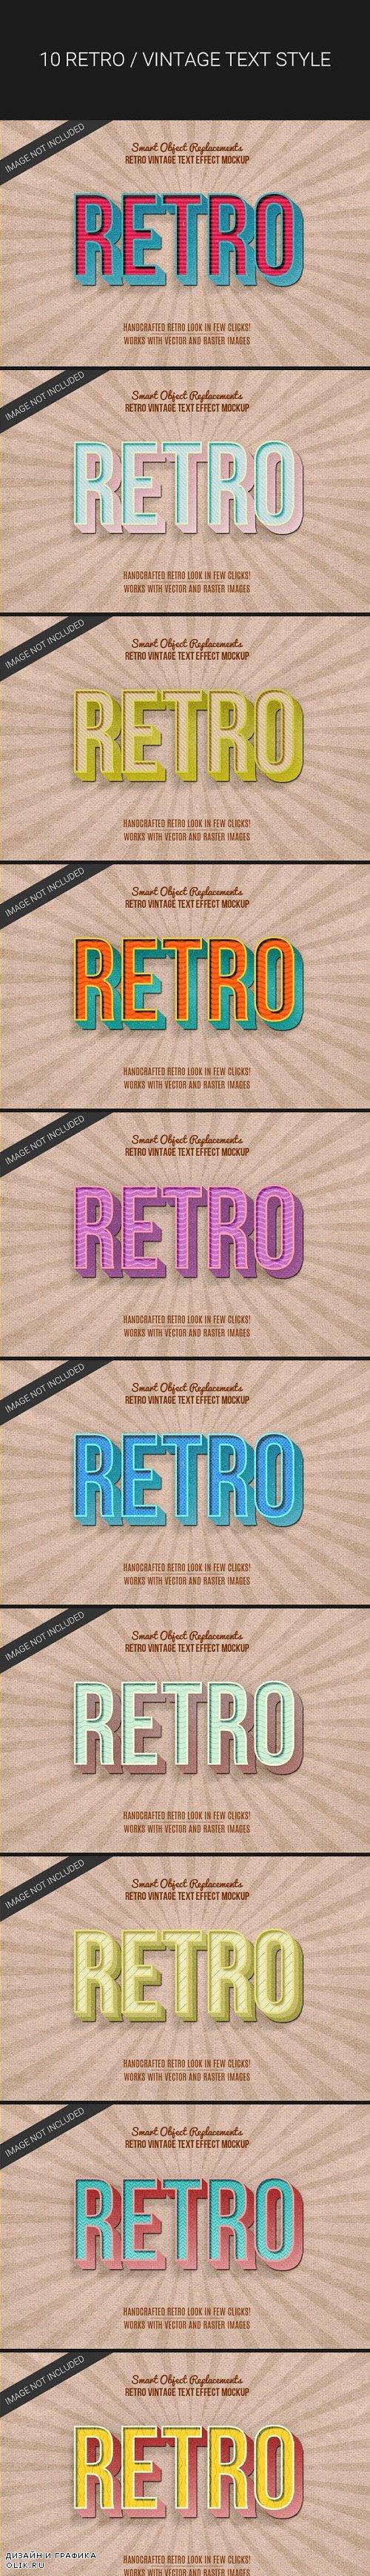 3D Retro Vintage Text Effects - 24381860